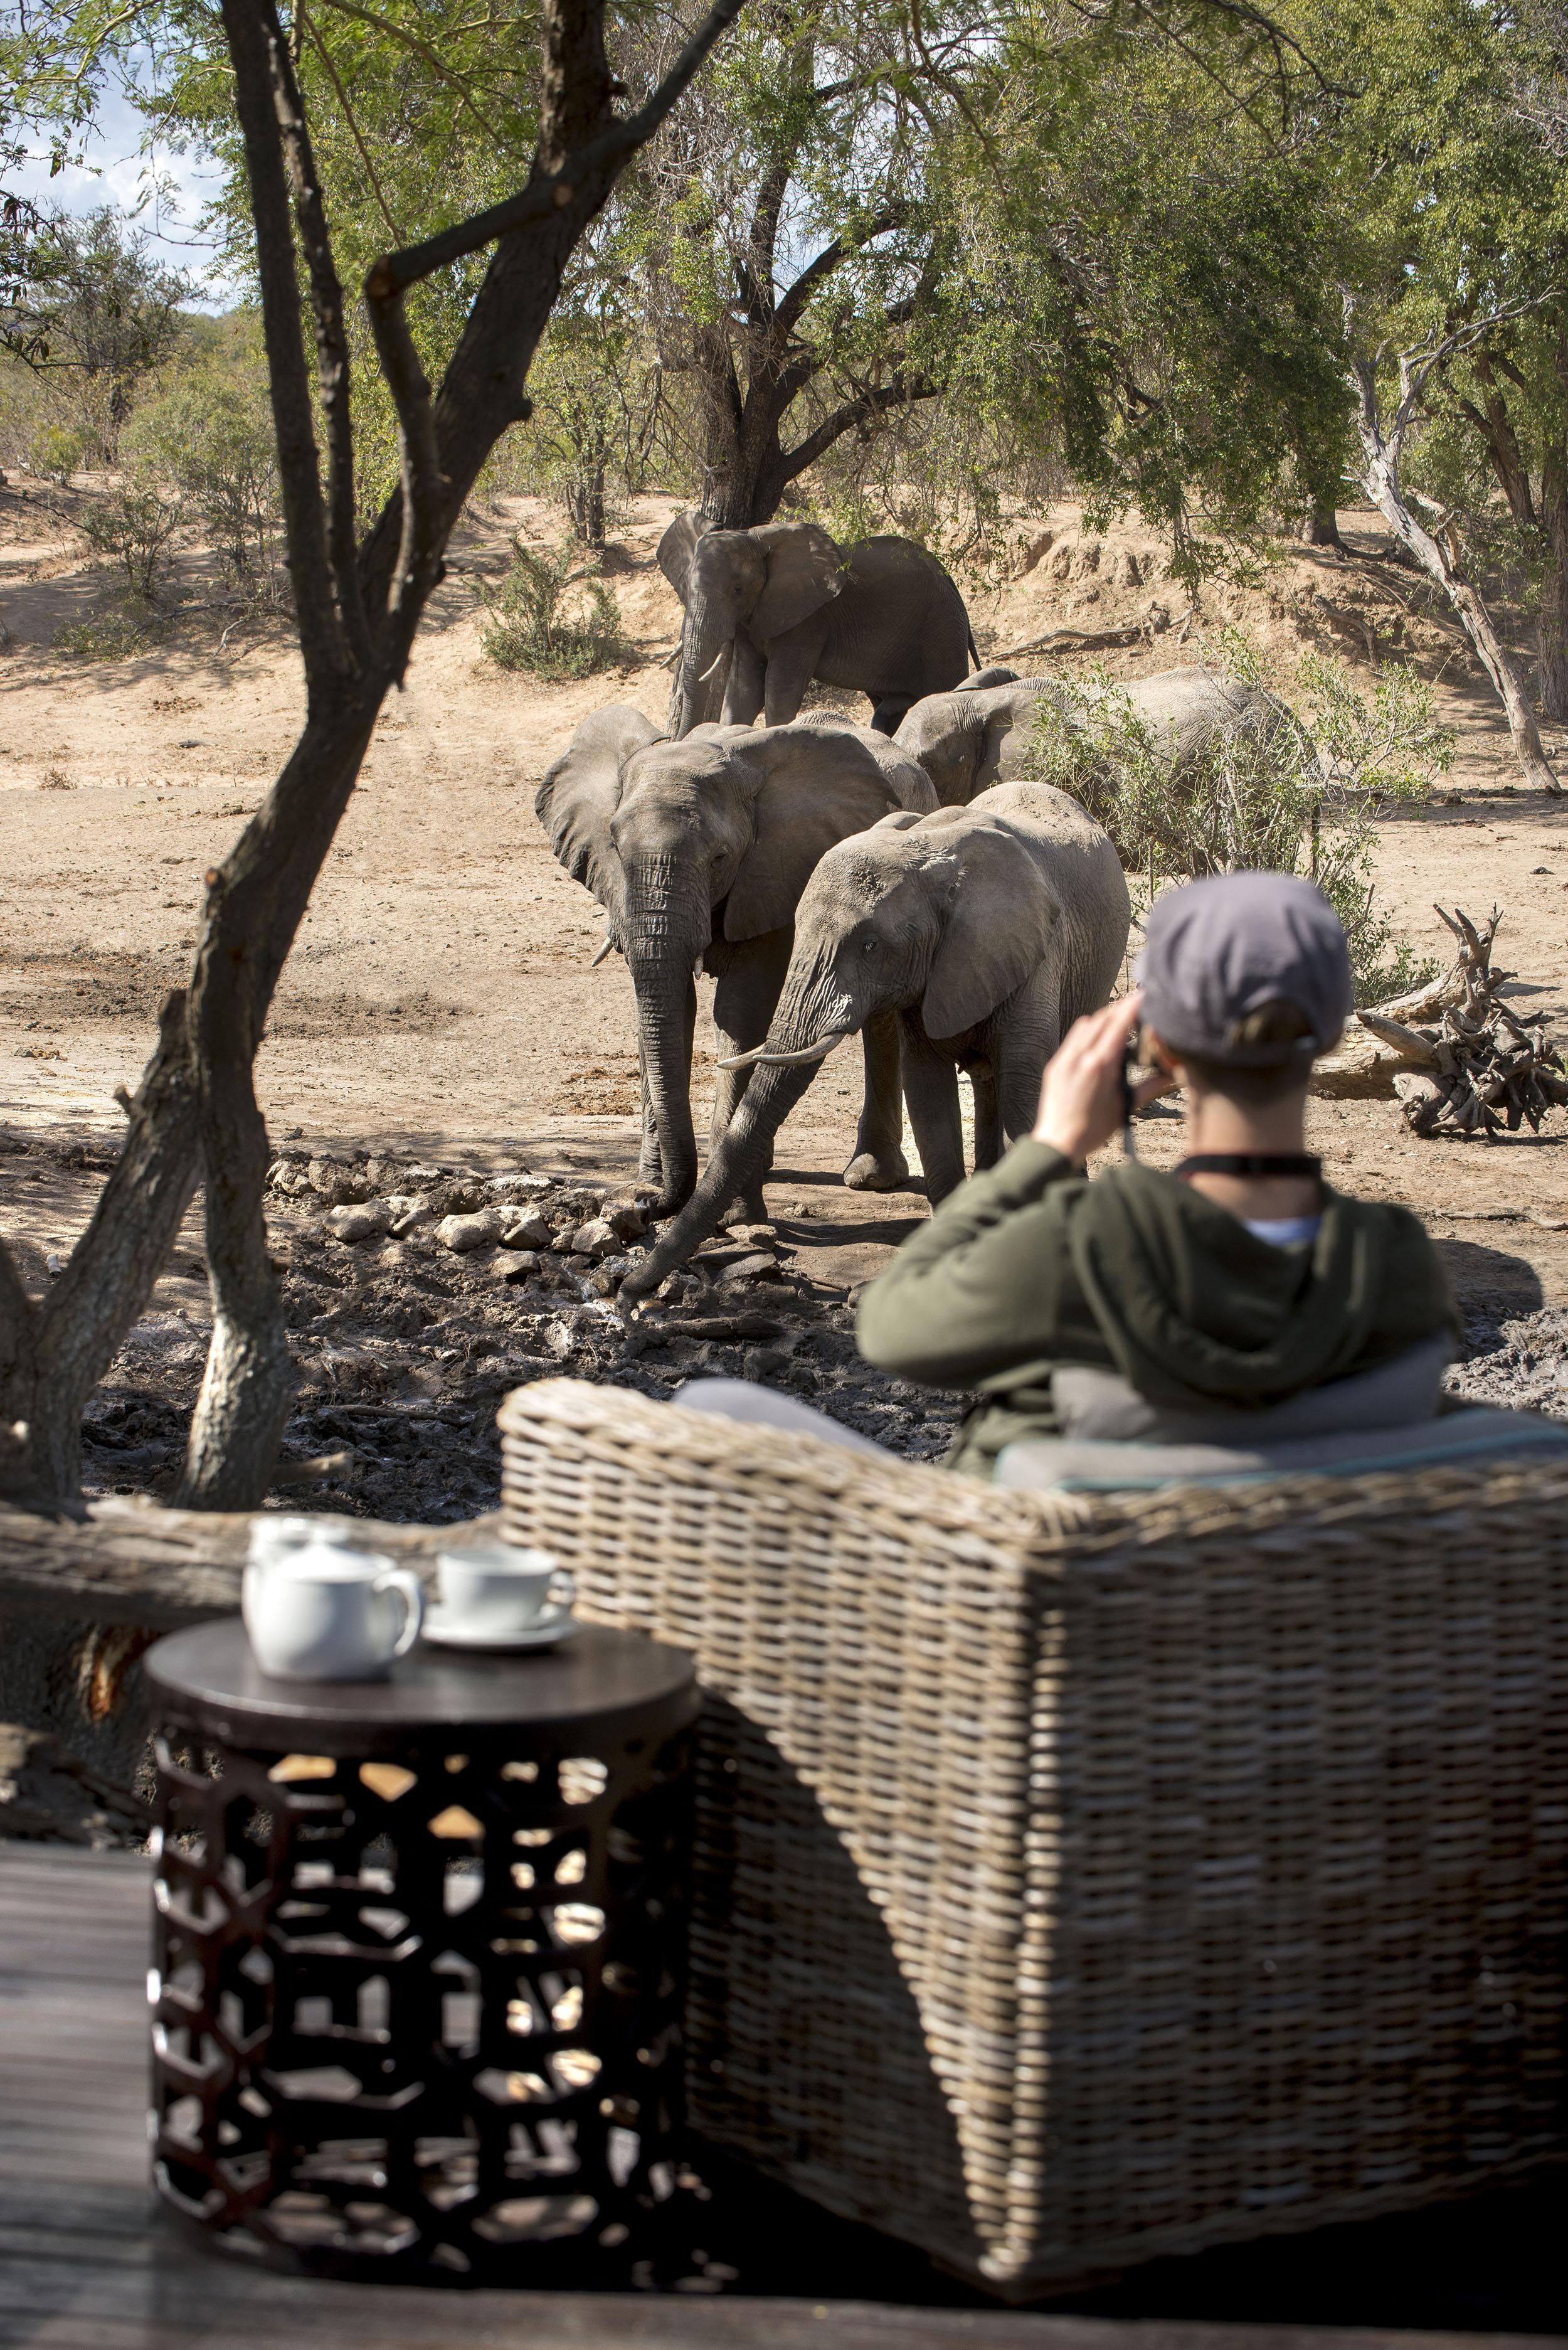 andBeyond-Ngala-Safari-Outside.jpg